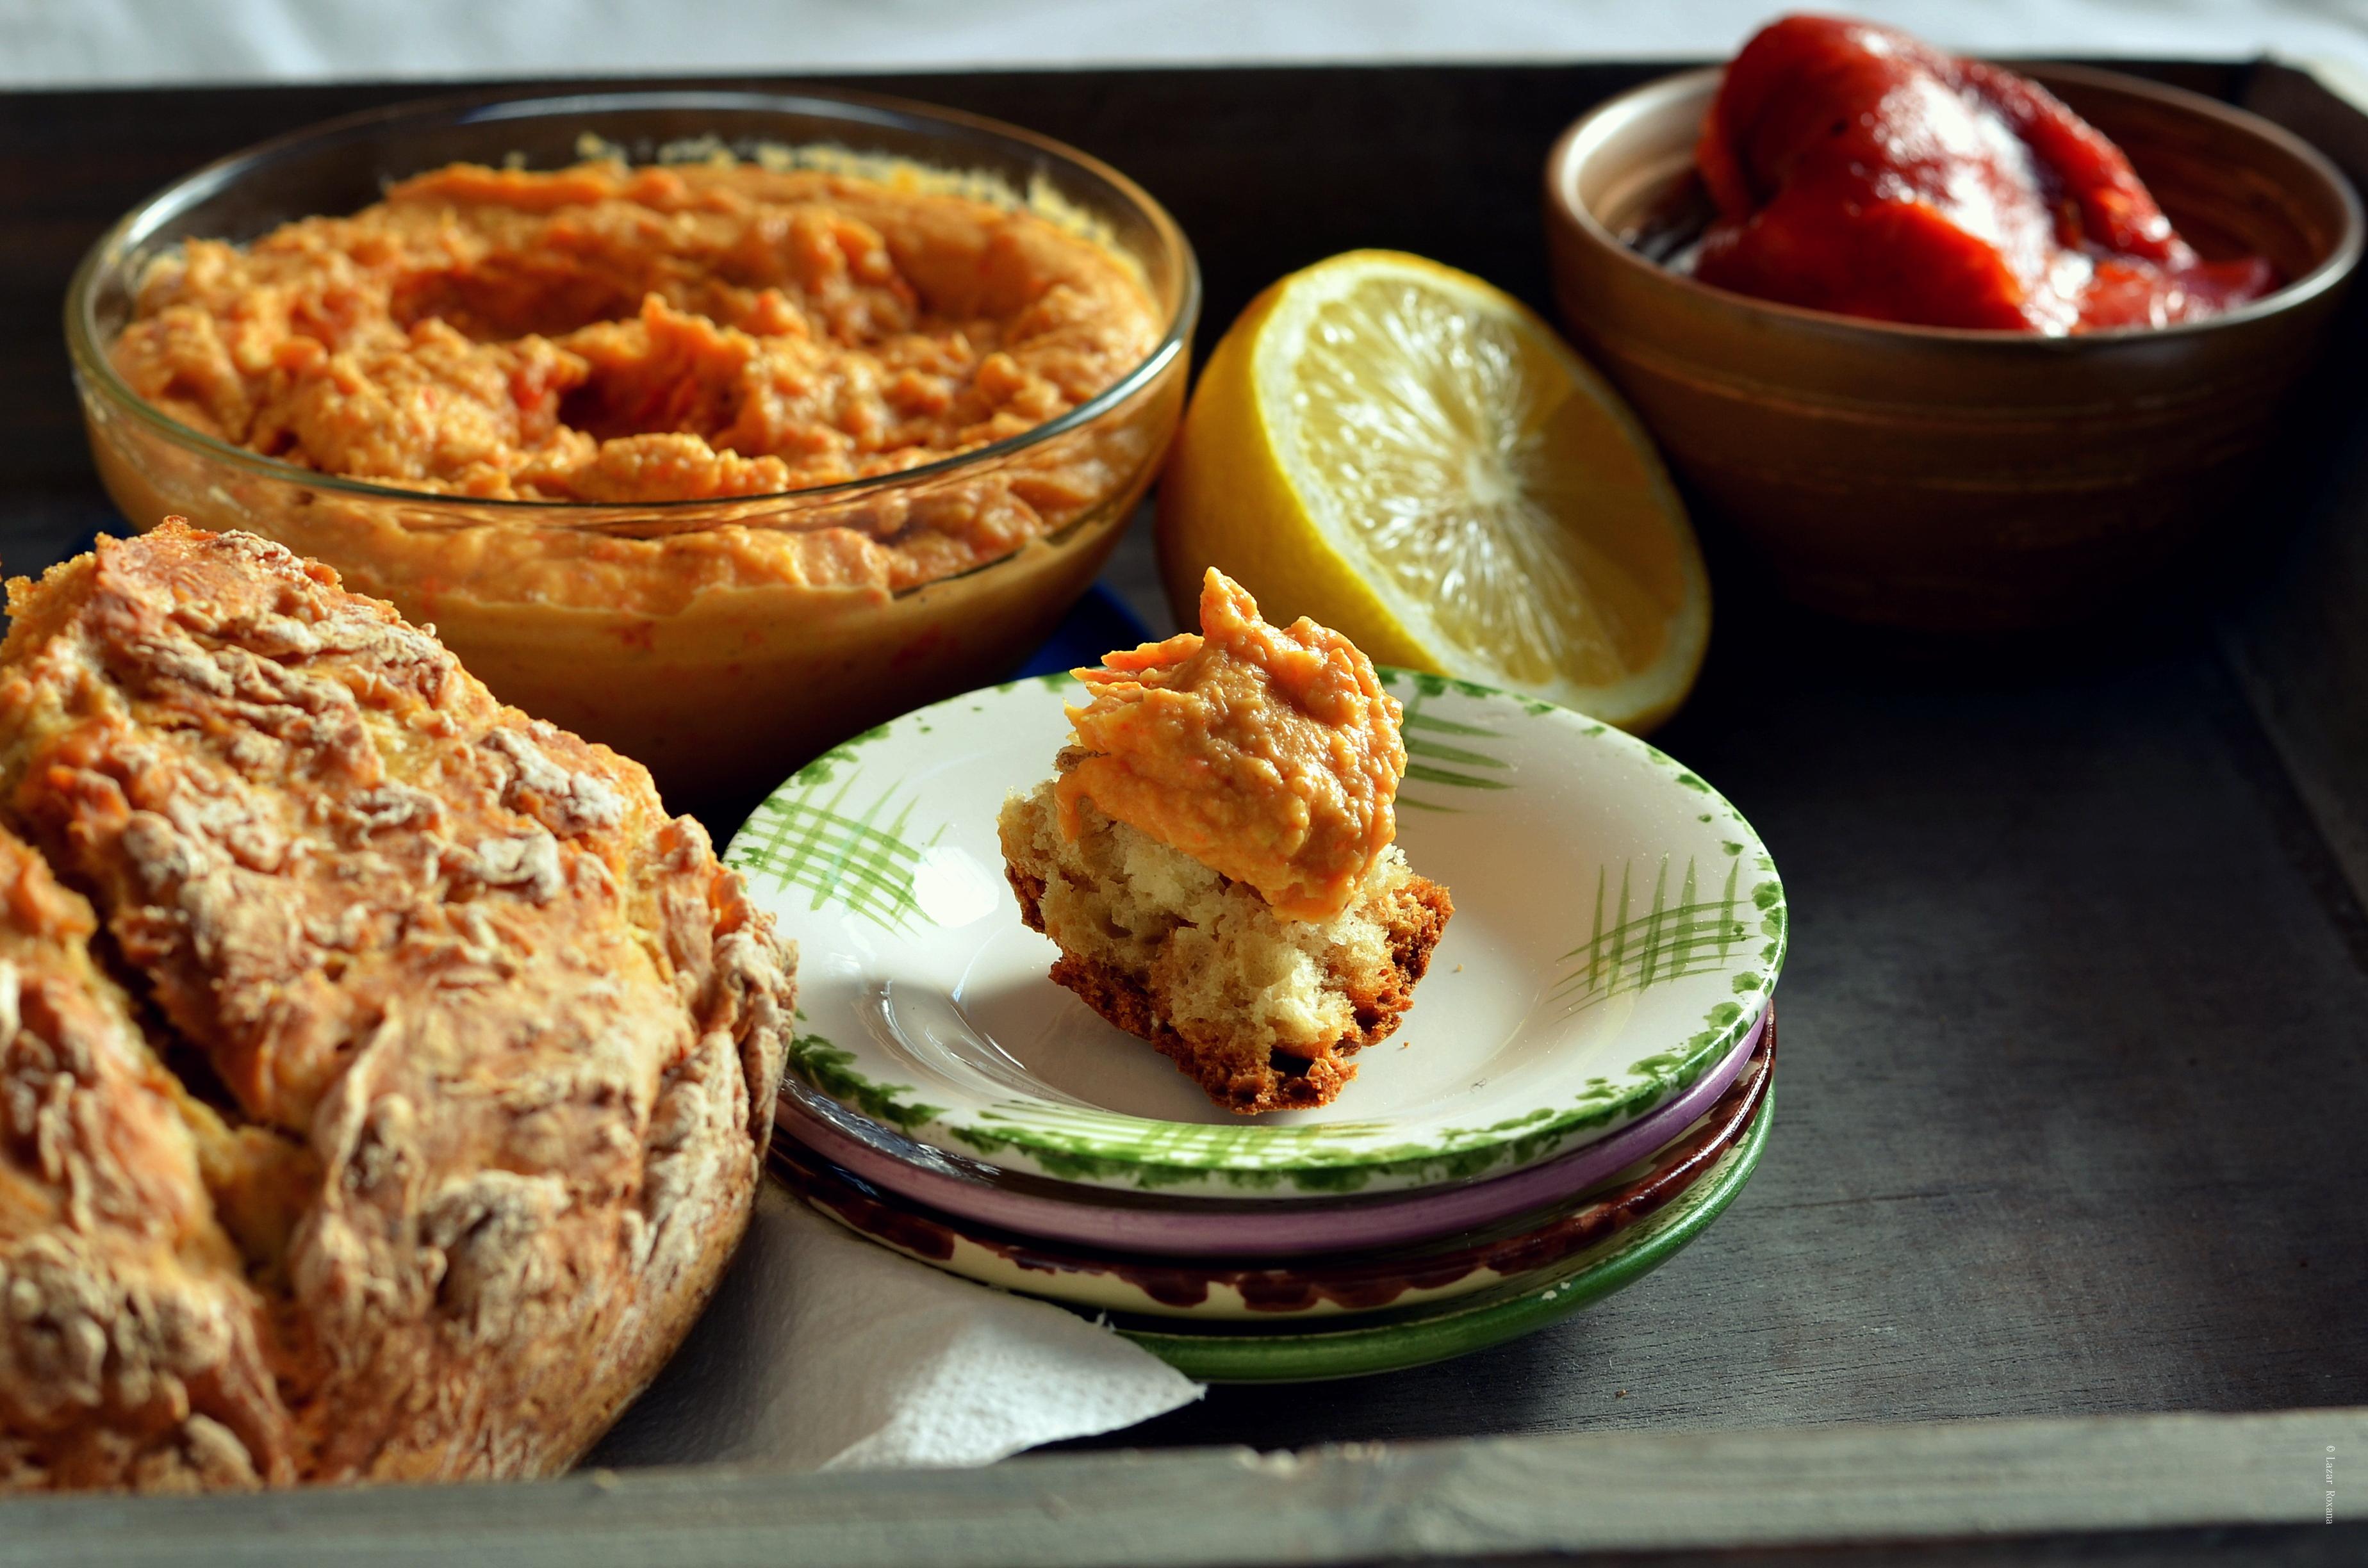 Cina de 10 minute: hummus cu ardei copt si ce mai gasesti prin camara. Bonus, paine irlandeza cu bicarbonat de sodiu si fulgi de cereale